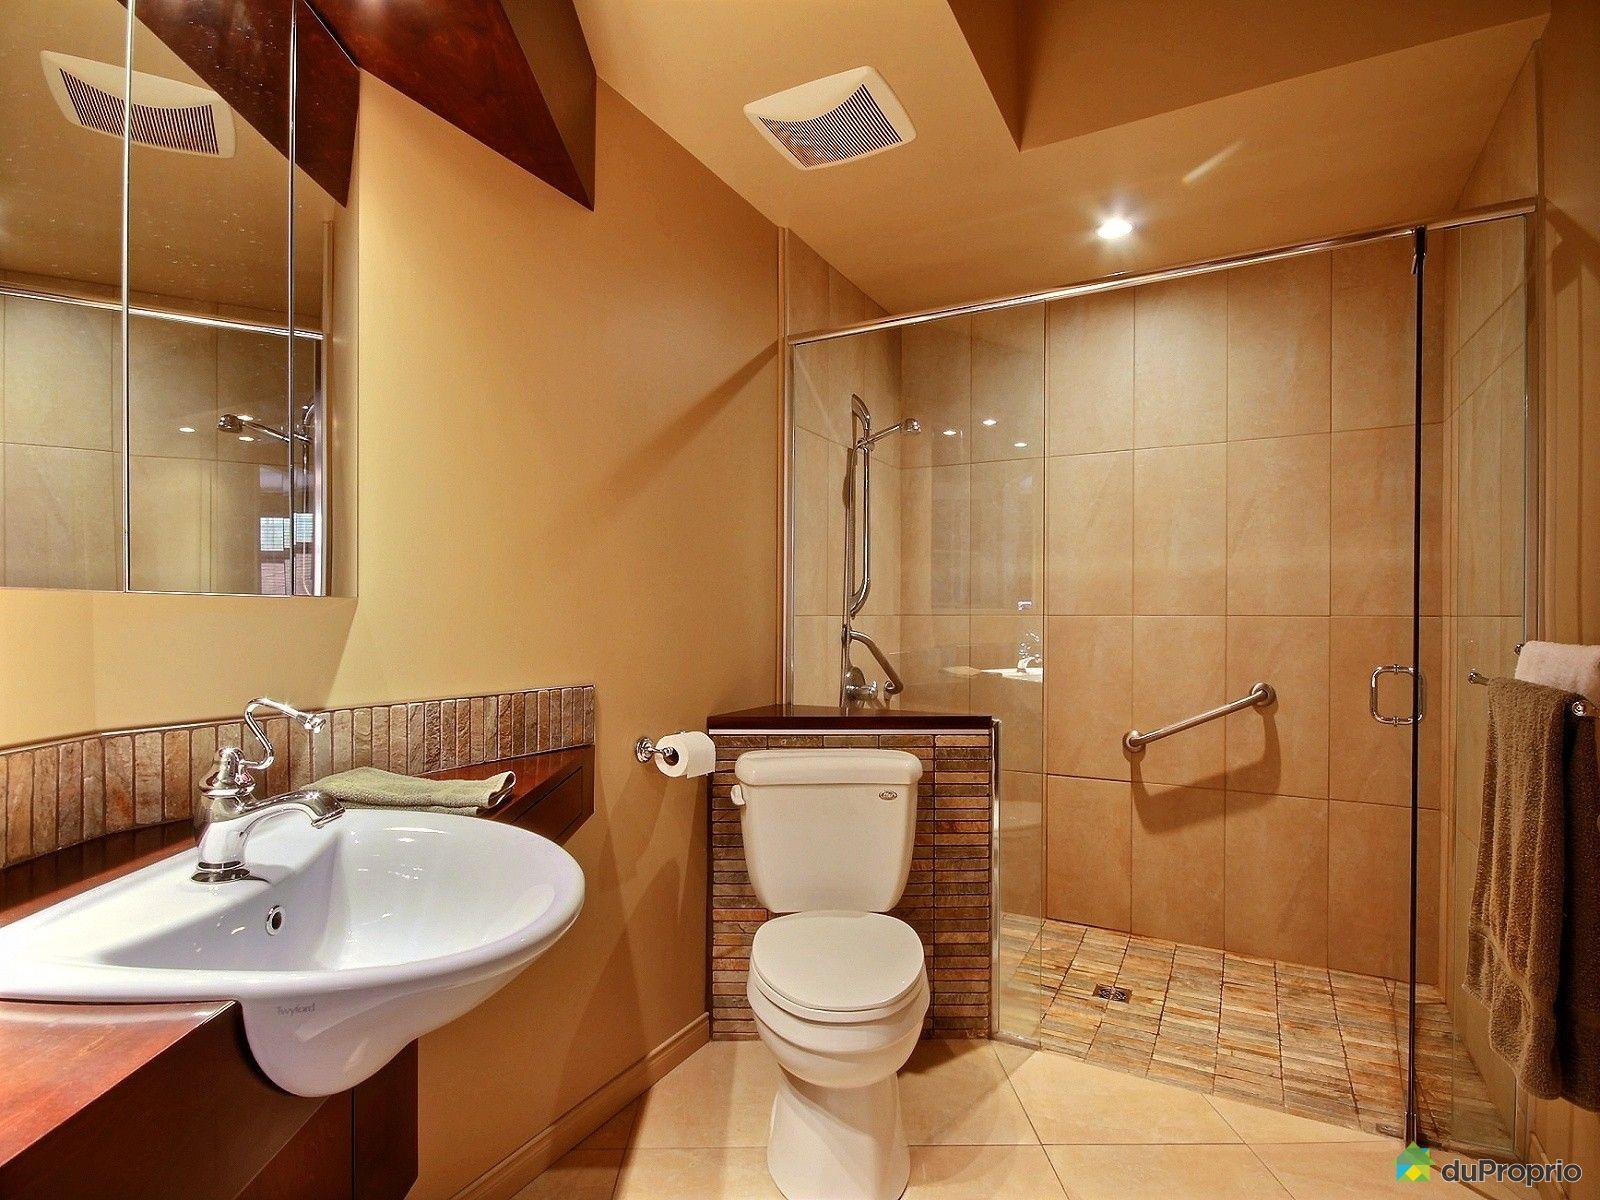 Salle de bain loft new yorkais id es de design for Salle de bain st jean